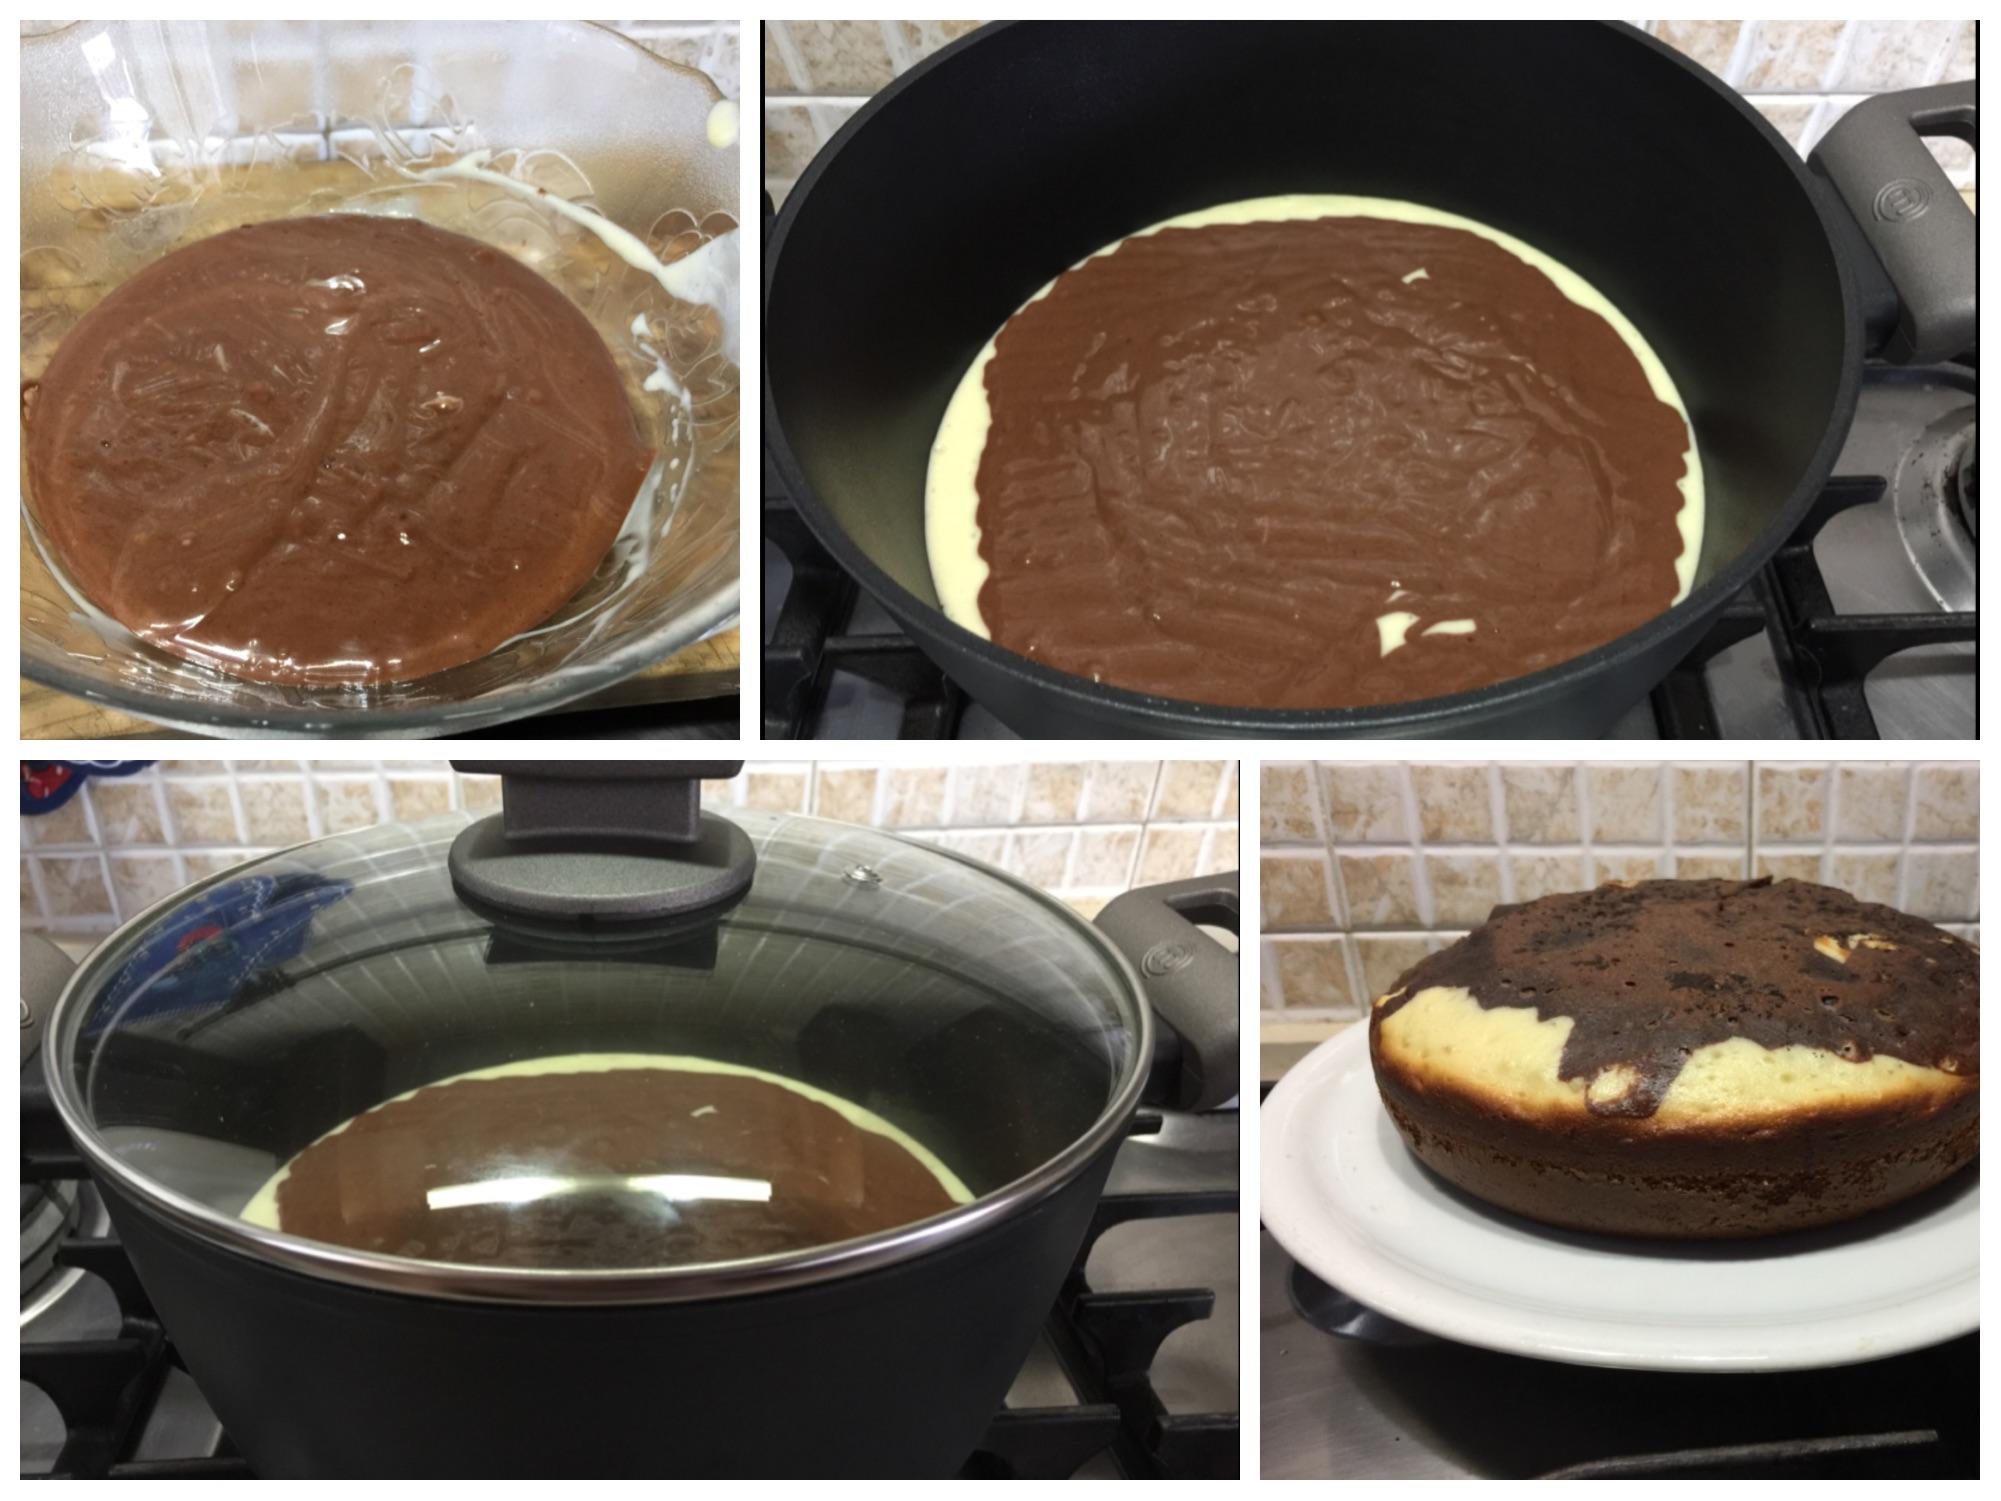 Torta soffice in padella